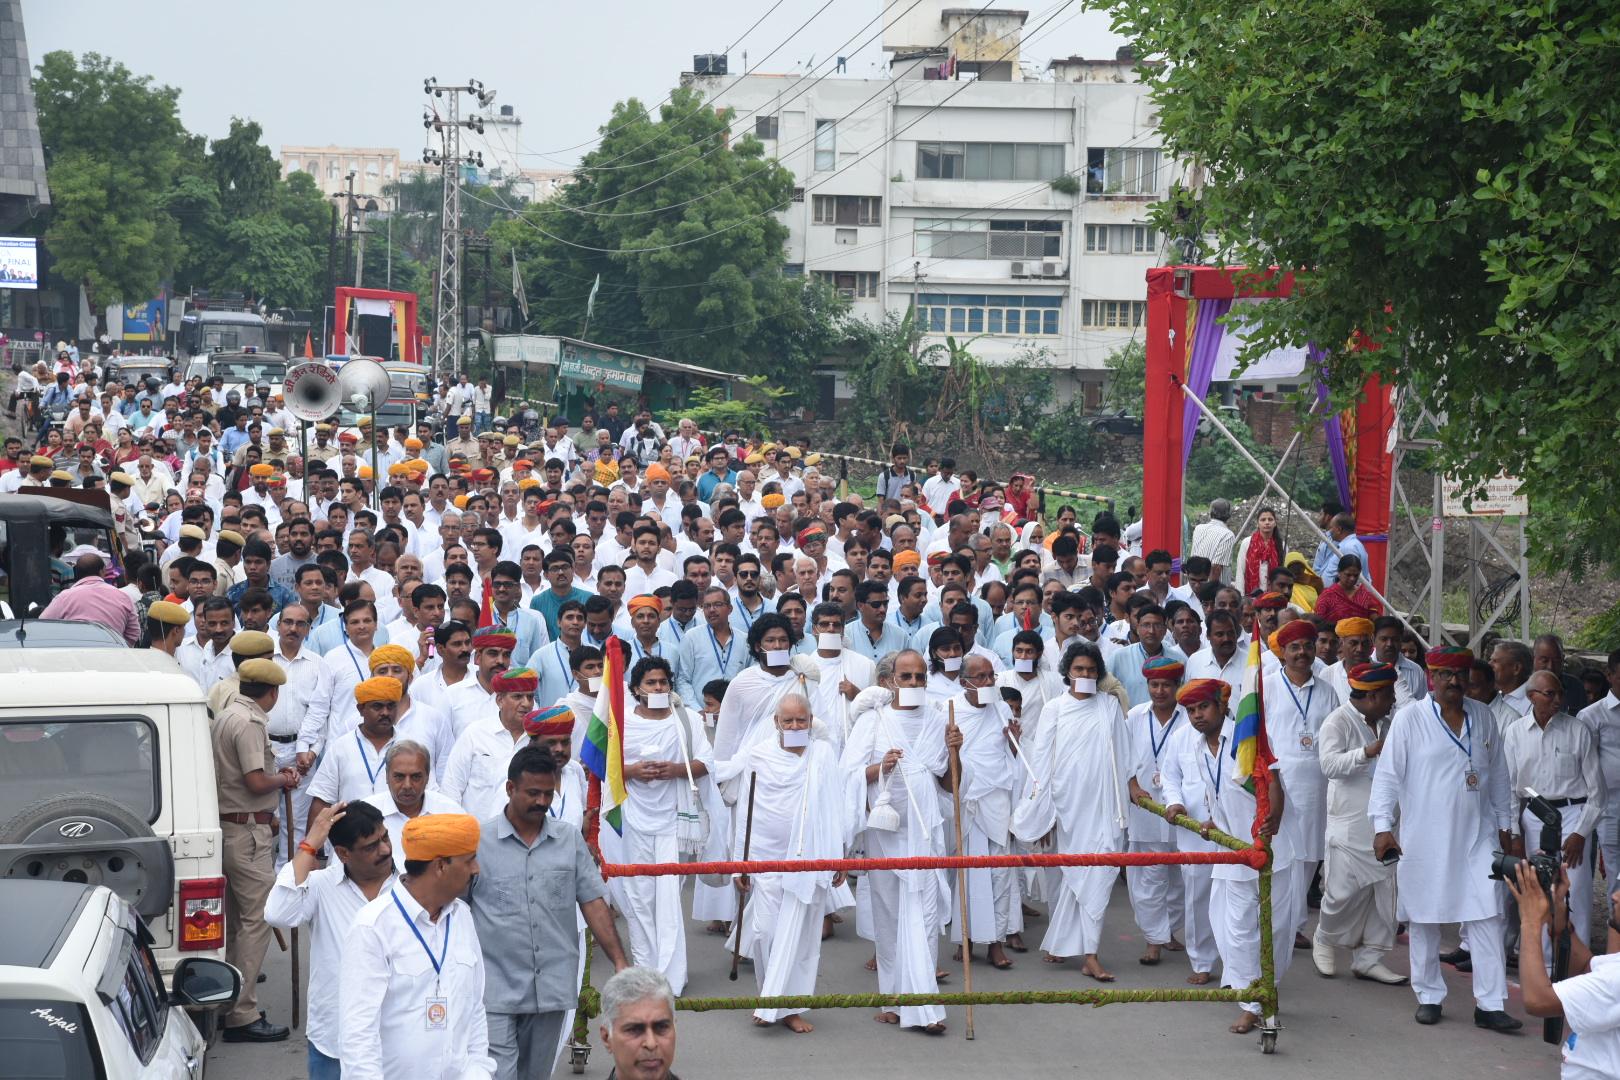 उदयपुर में आचार्य डॉ. शिवमुनि का महाप्रज्ञ विहार में चातुर्मासिक प्रवेश, अगवानी को उमड़े शहरवासी